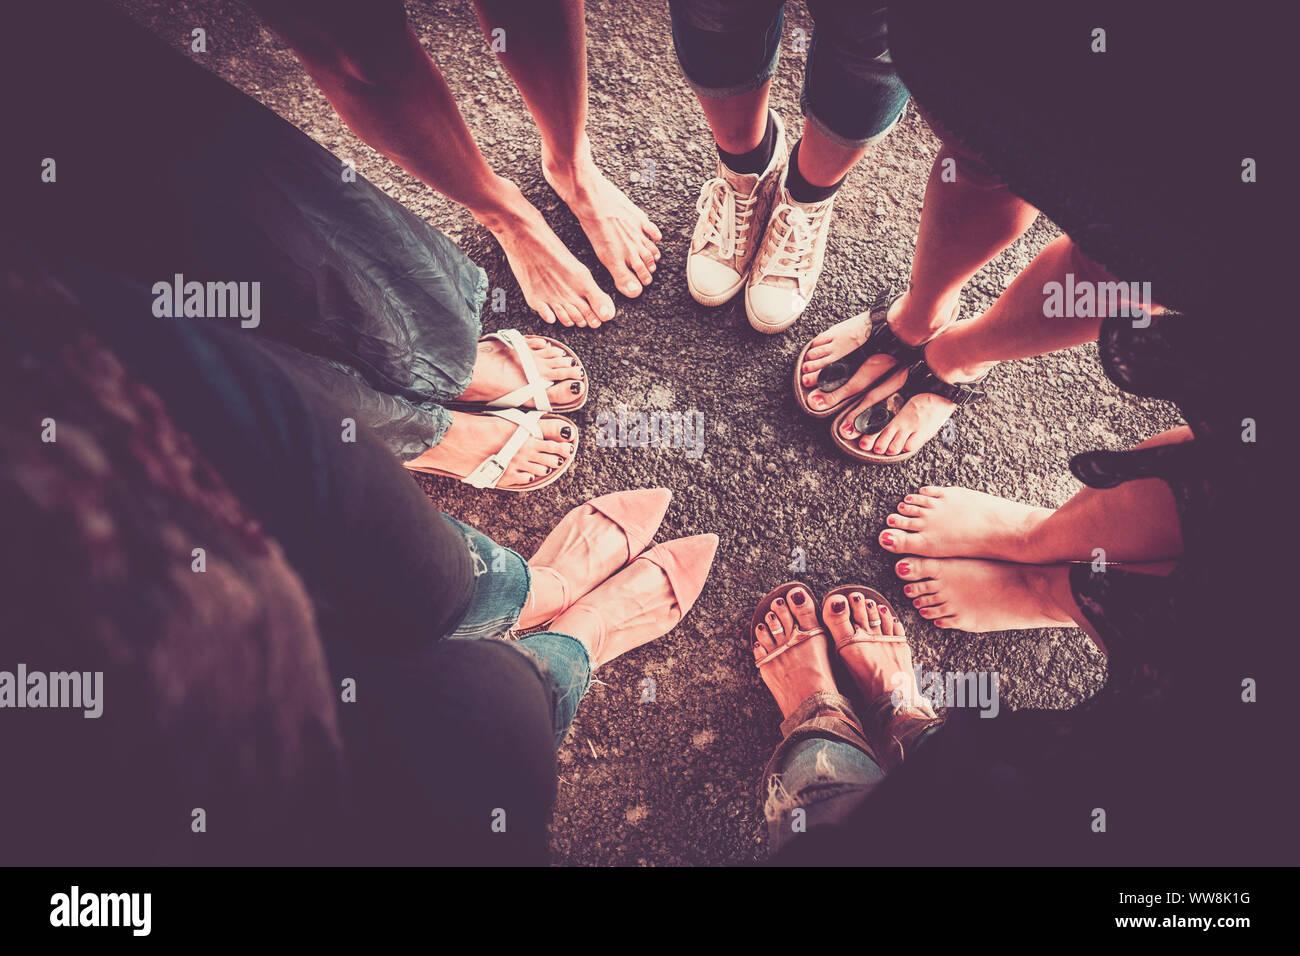 Grupo de mujer desde el punto de vista alto con siete pares de pies con zapatos y descalzo sin. señoras caucásicas en verano. Añada colores y viñeteado y sombra Foto de stock